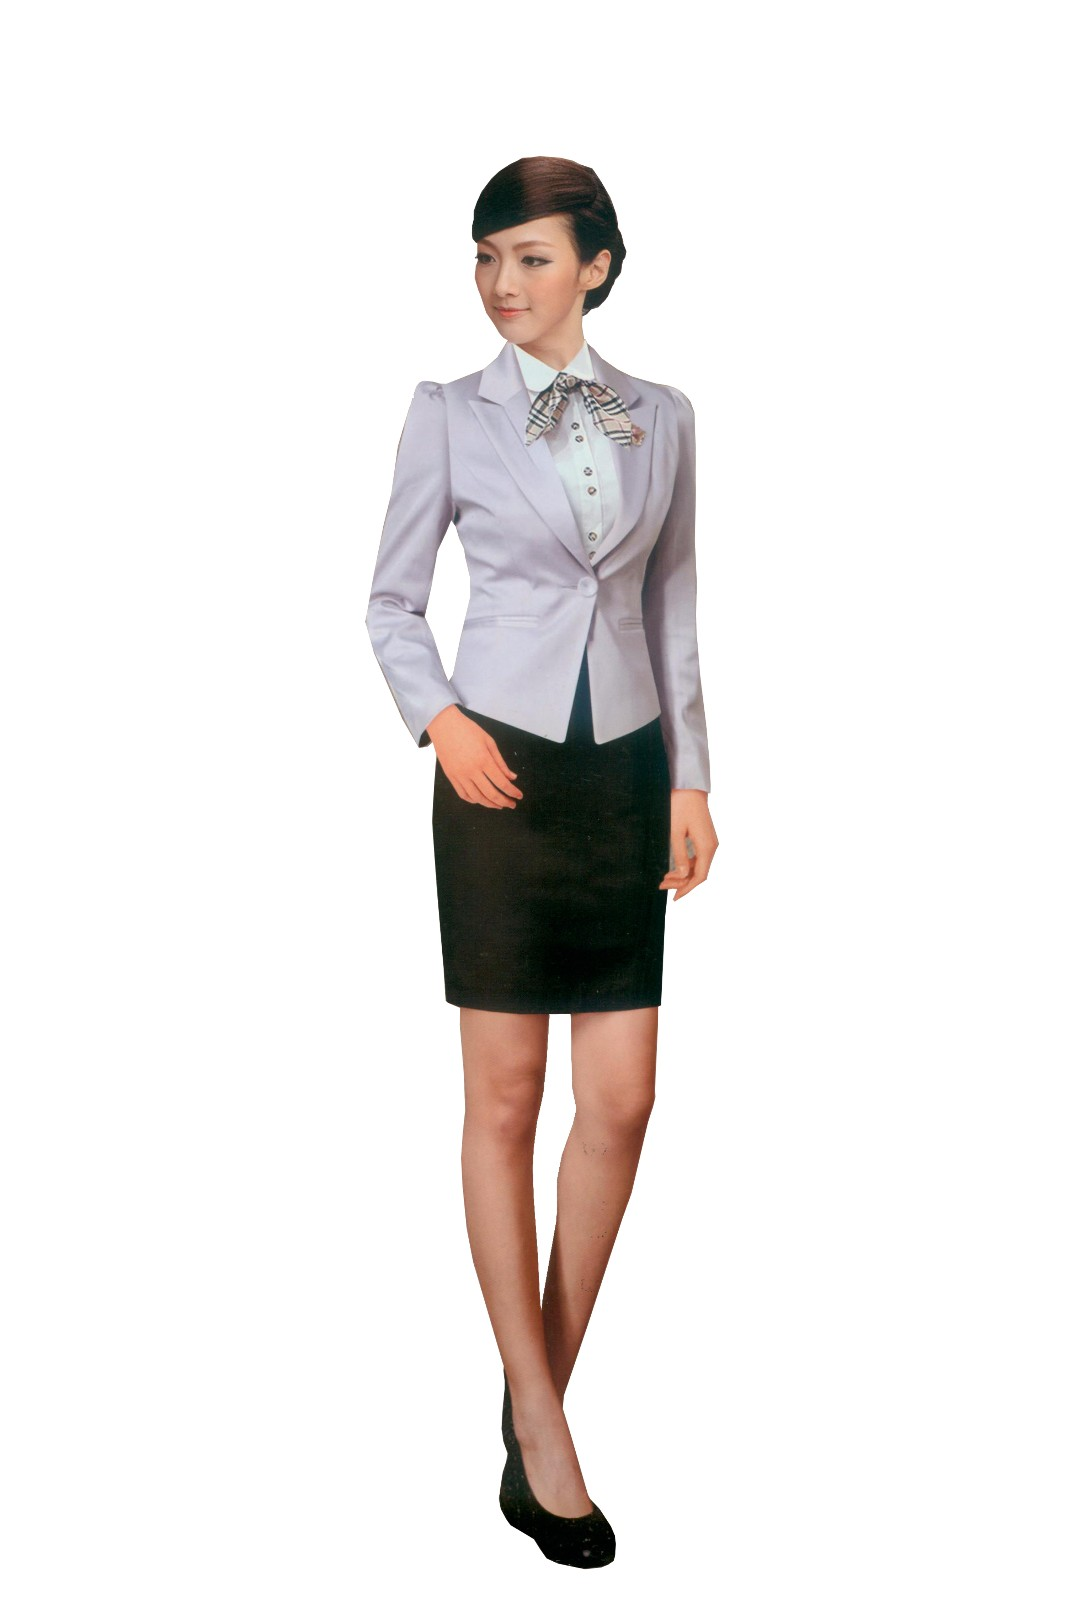 西安职业装定制|西安职业装定做-西安美亿服饰设计有限公司